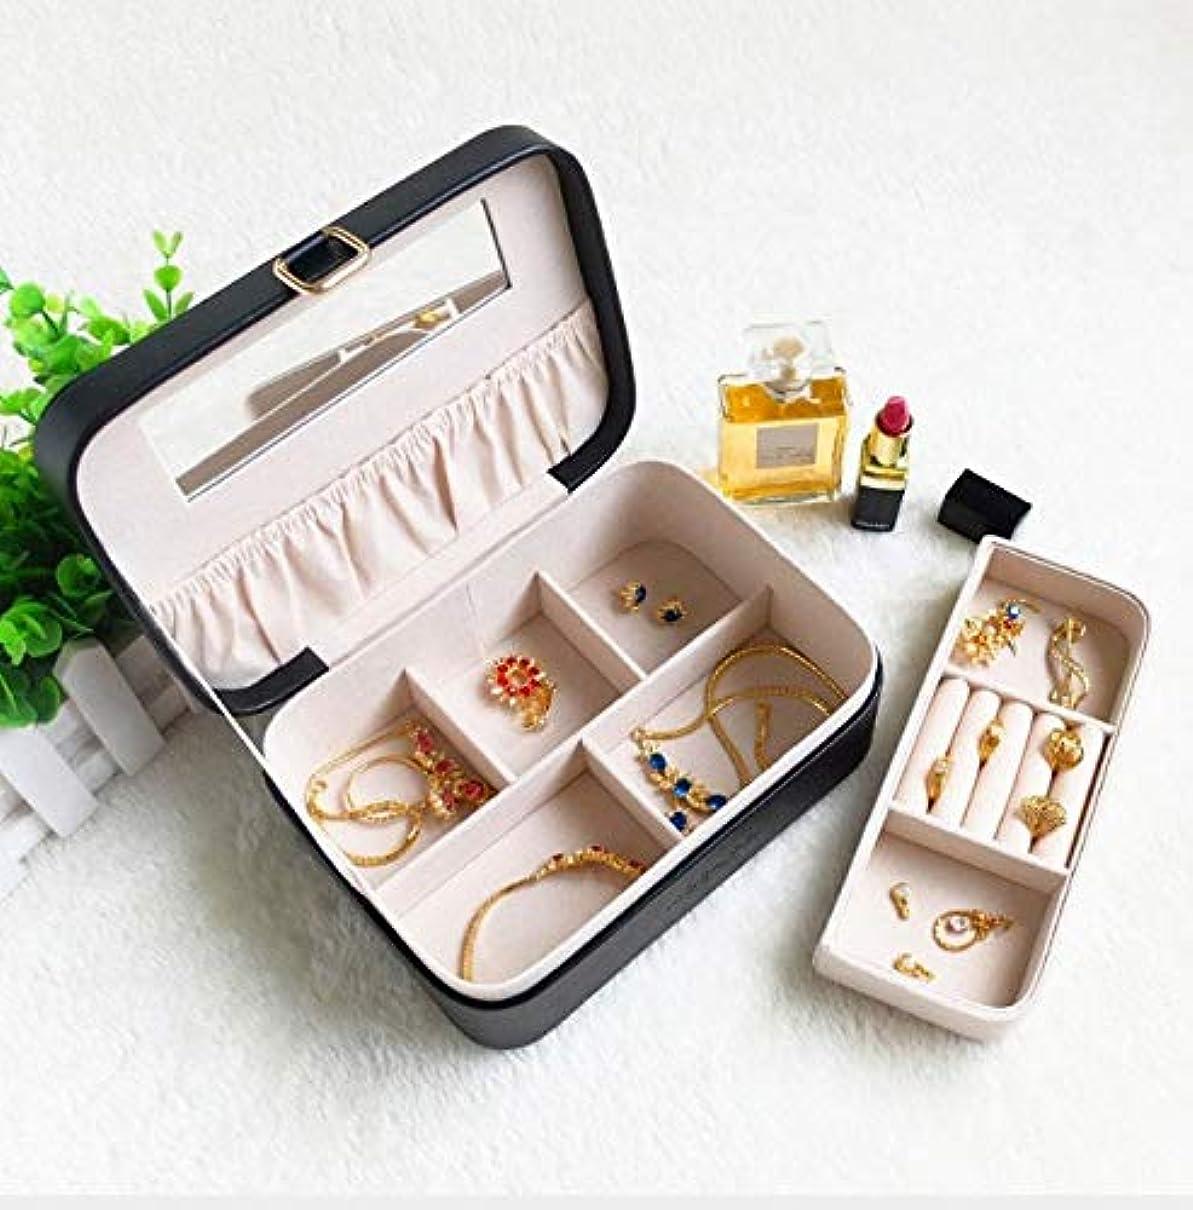 博物館一口女性化粧箱、レトロ化粧品防水ミラー化粧ケース、ポータブルトラベル化粧品バッグ収納袋、美容ジュエリー収納ボックス (Color : ブラック)